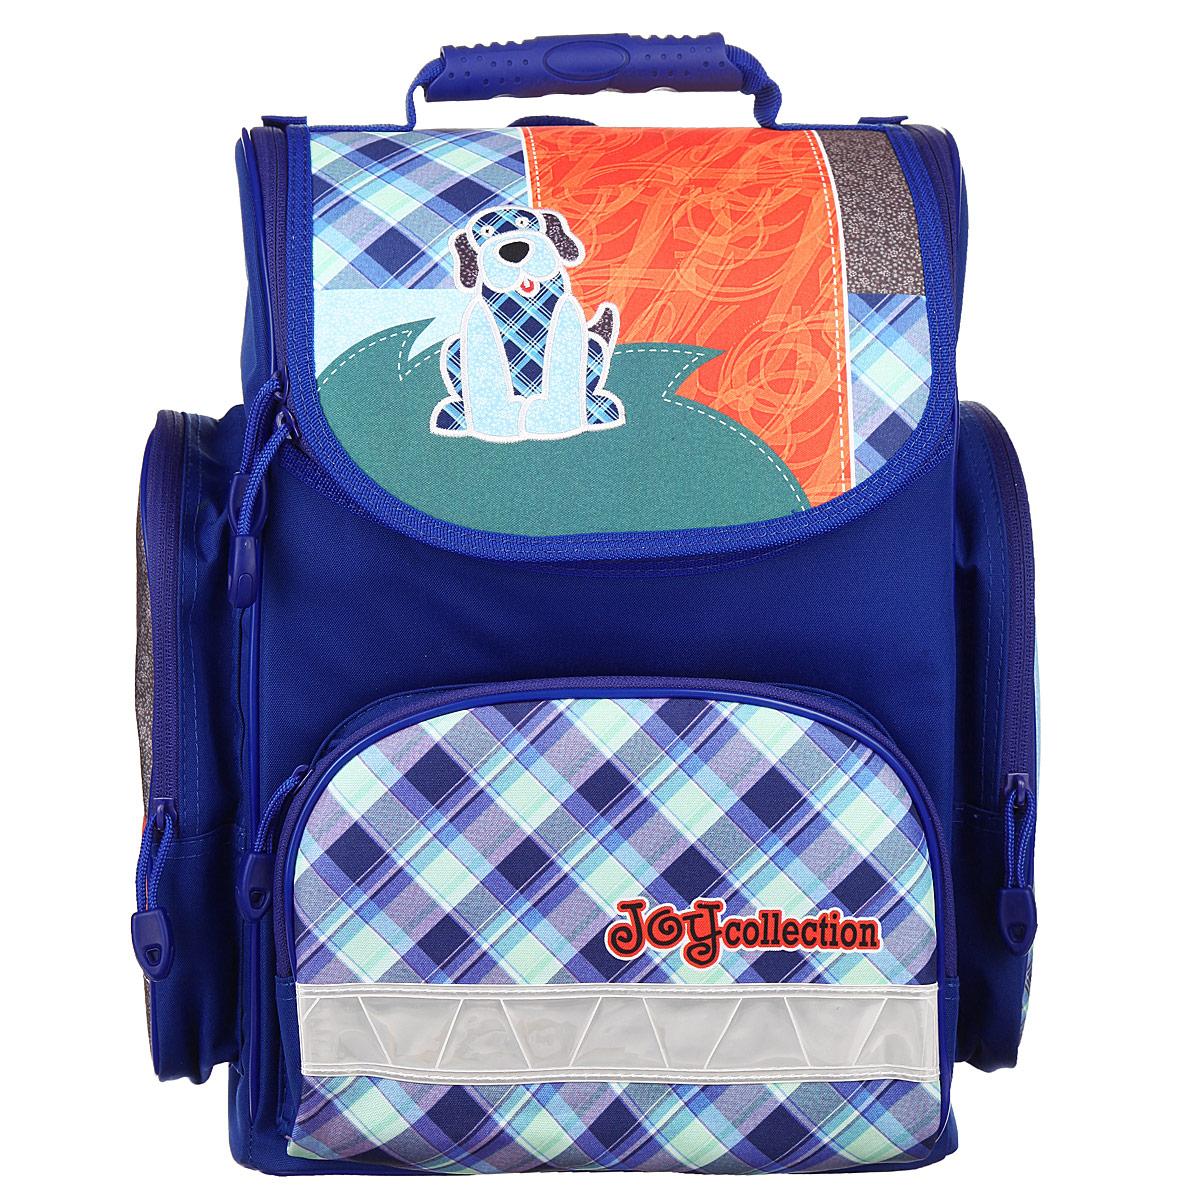 Ранец школьный Tiger Enterprise Joy Collection, цвет: синий, голубой, оранжевый72523WDРанец школьный Tiger Family Joy Collection идеально подойдет для школьников.Ранец выполнен из прочного и водонепроницаемого материала синего, голубого и оранжевого цветов. Изделие оформлено изображением в виде забавной собачки.Содержит одно вместительное отделение, закрывающееся на застежку-молнию с двумя бегунками. Внутри отделения имеются две мягких перегородки для тетрадей или учебников. Крышка полностью откидывается, что существенно облегчает пользование ранцем. На внутренней части крышки находится прозрачный пластиковый кармашек, в который можно поместить данные о владельце ранца. Ранец имеет два боковых накладных кармана на молнии. Лицевая сторона ранца оснащена накладным карманом на застежке-молнии.Спинка ранца достаточно твердая. В нижней части спины расположен поясничный упор - небольшой валик, на который при правильном ношении ранца будет приходиться основная нагрузка. Ранец оснащен ручкой с пластиковой насадкой для удобной переноски в руке и петлей для подвешивания. Мягкие лямки позволяют легко и быстро отрегулировать ранец в соответствии с ростом ребенка. Дно ранца из износостойкого водонепроницаемого материала легко очищается от загрязнений.Светоотражающие элементы обеспечивают дополнительную безопасность в темное время суток.Многофункциональный школьный ранец станет незаменимым спутником вашего ребенка в походах за знаниями.